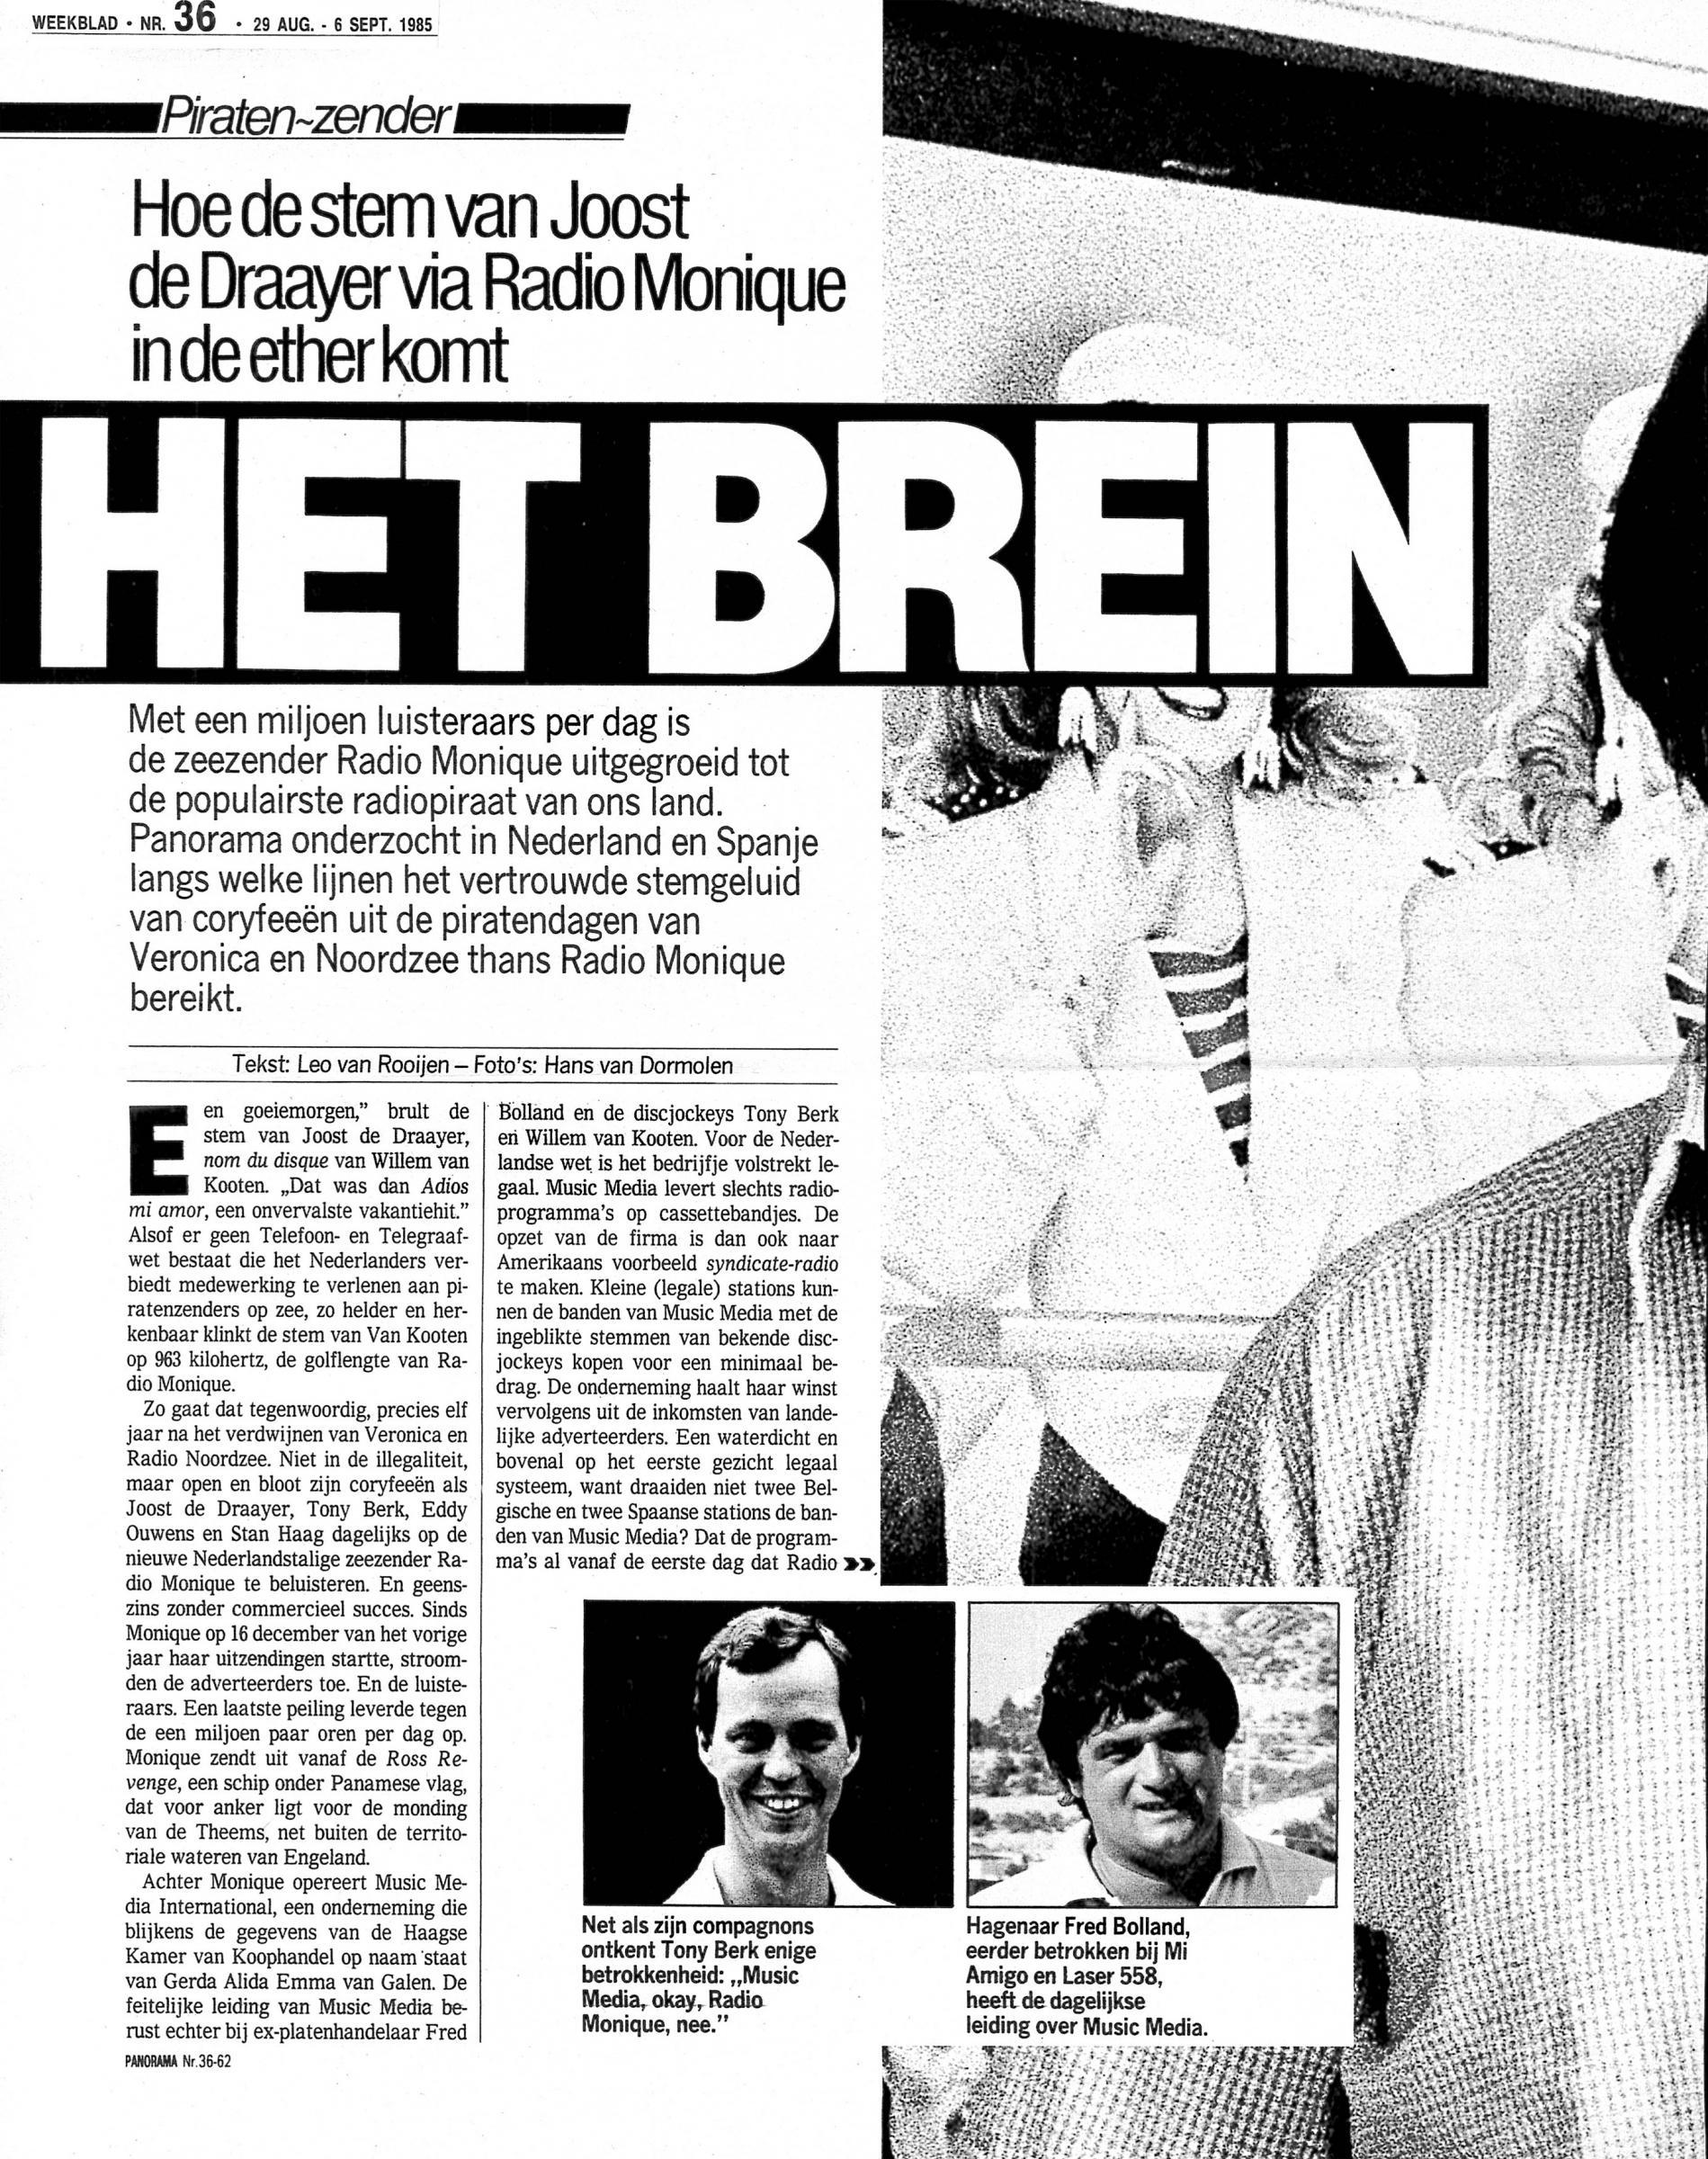 19850906 weekblad Het brein Hoe de stem van Joost via Radio Monique in de ether komt 01.jpg